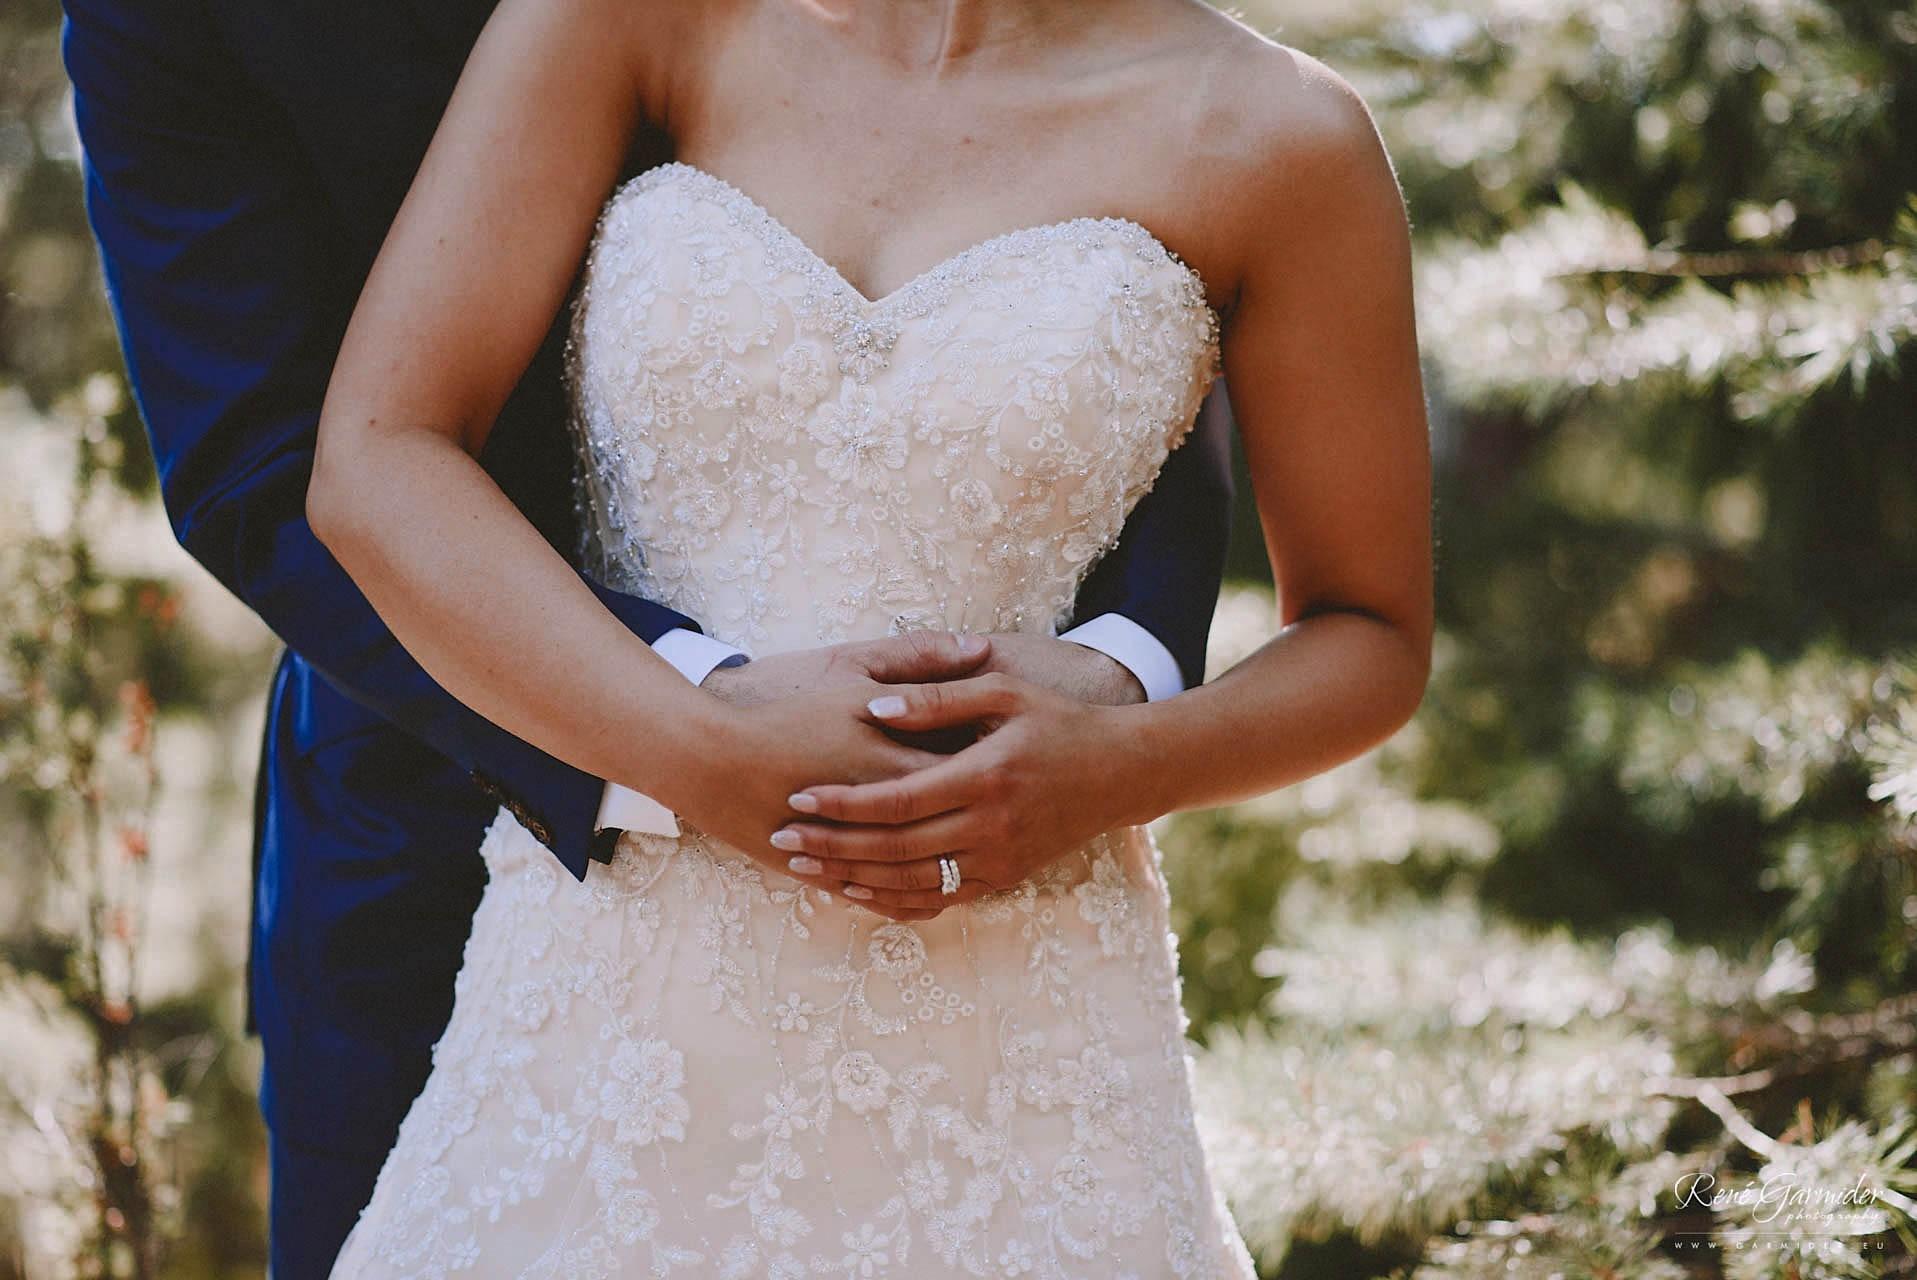 destination-wedding-photography-finland-miljookuvaus-haakuvaus-haakuvaaja-leena-juri-36